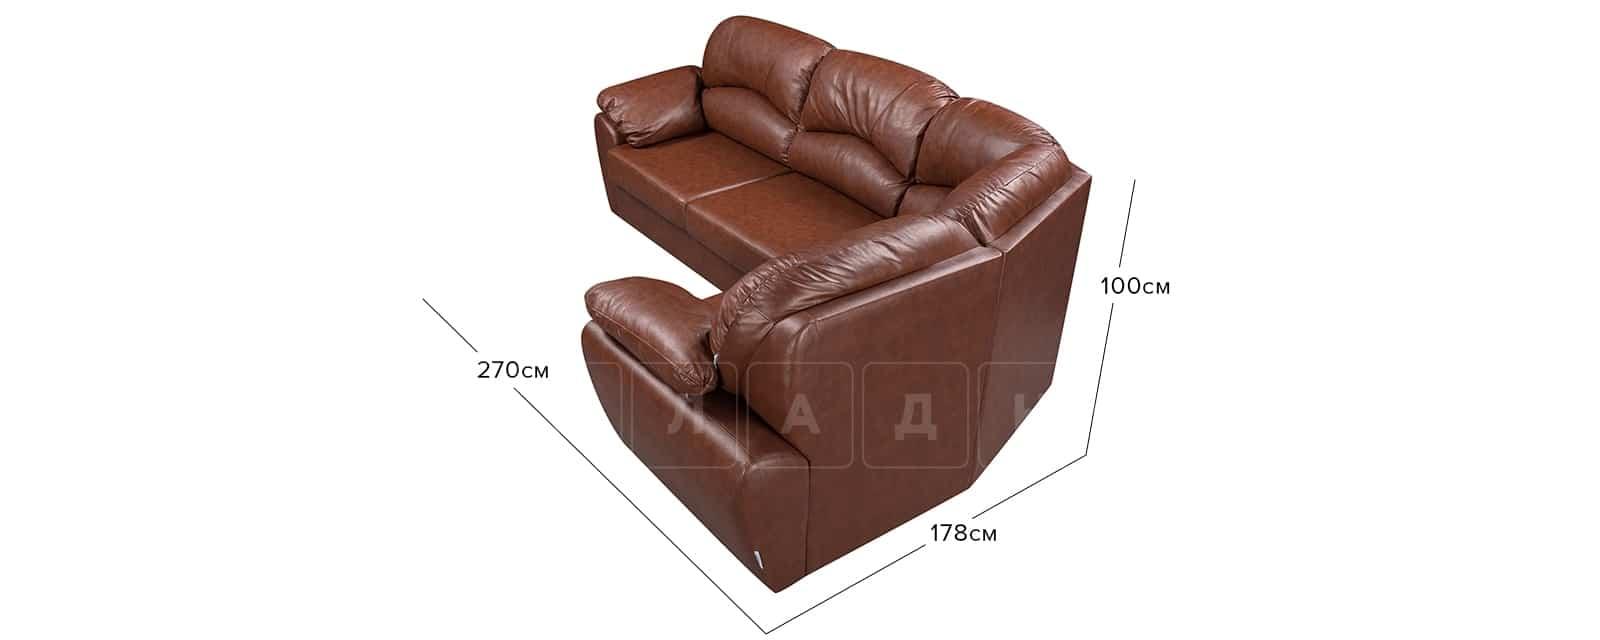 Диван угловой Эвита кожаный коричневый правый угол фото 12 | интернет-магазин Складно